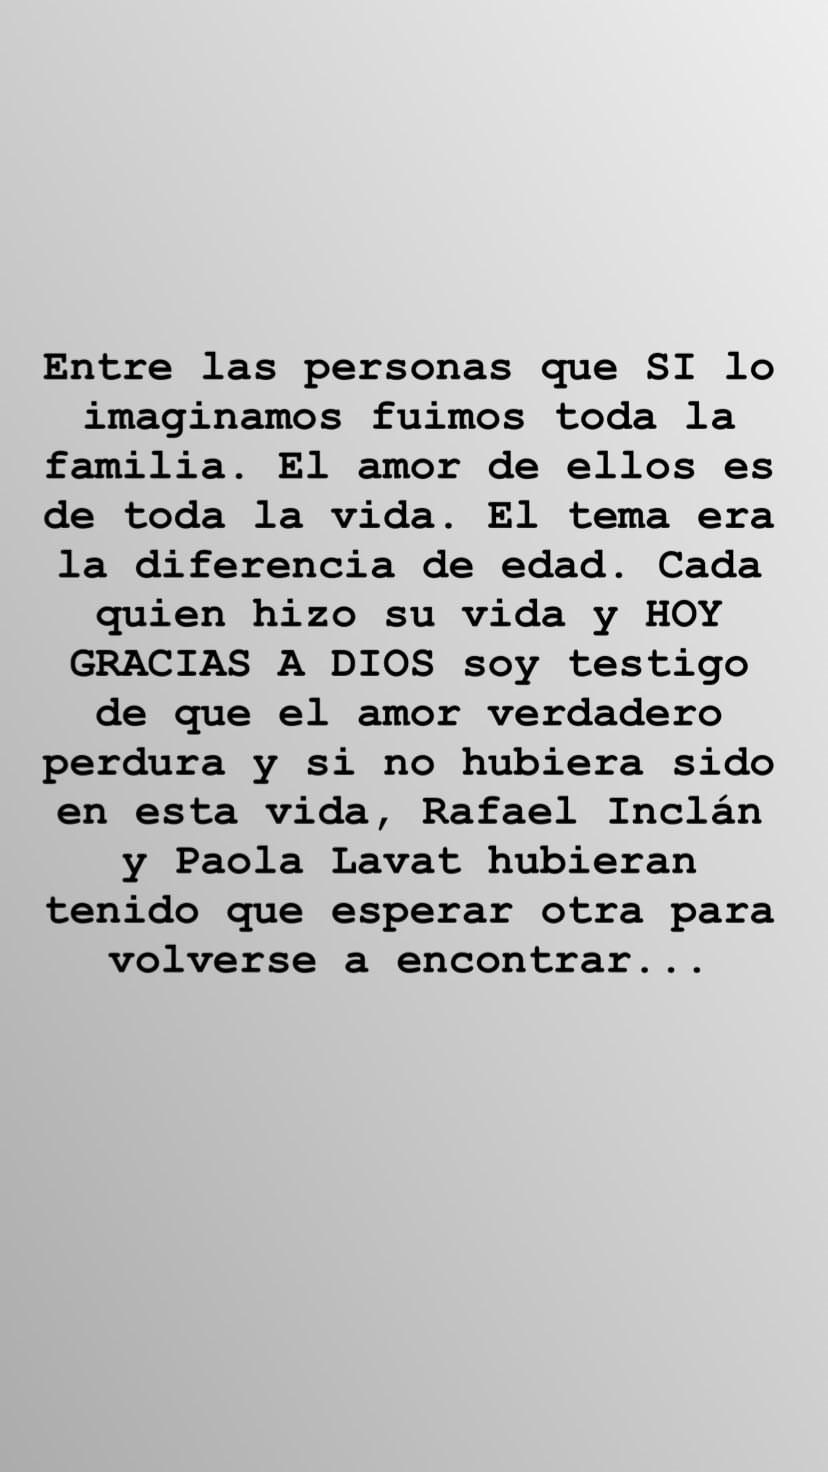 Captura de pantalla de historia de Instagram. | Imagen: Instagram/ adrianalavat